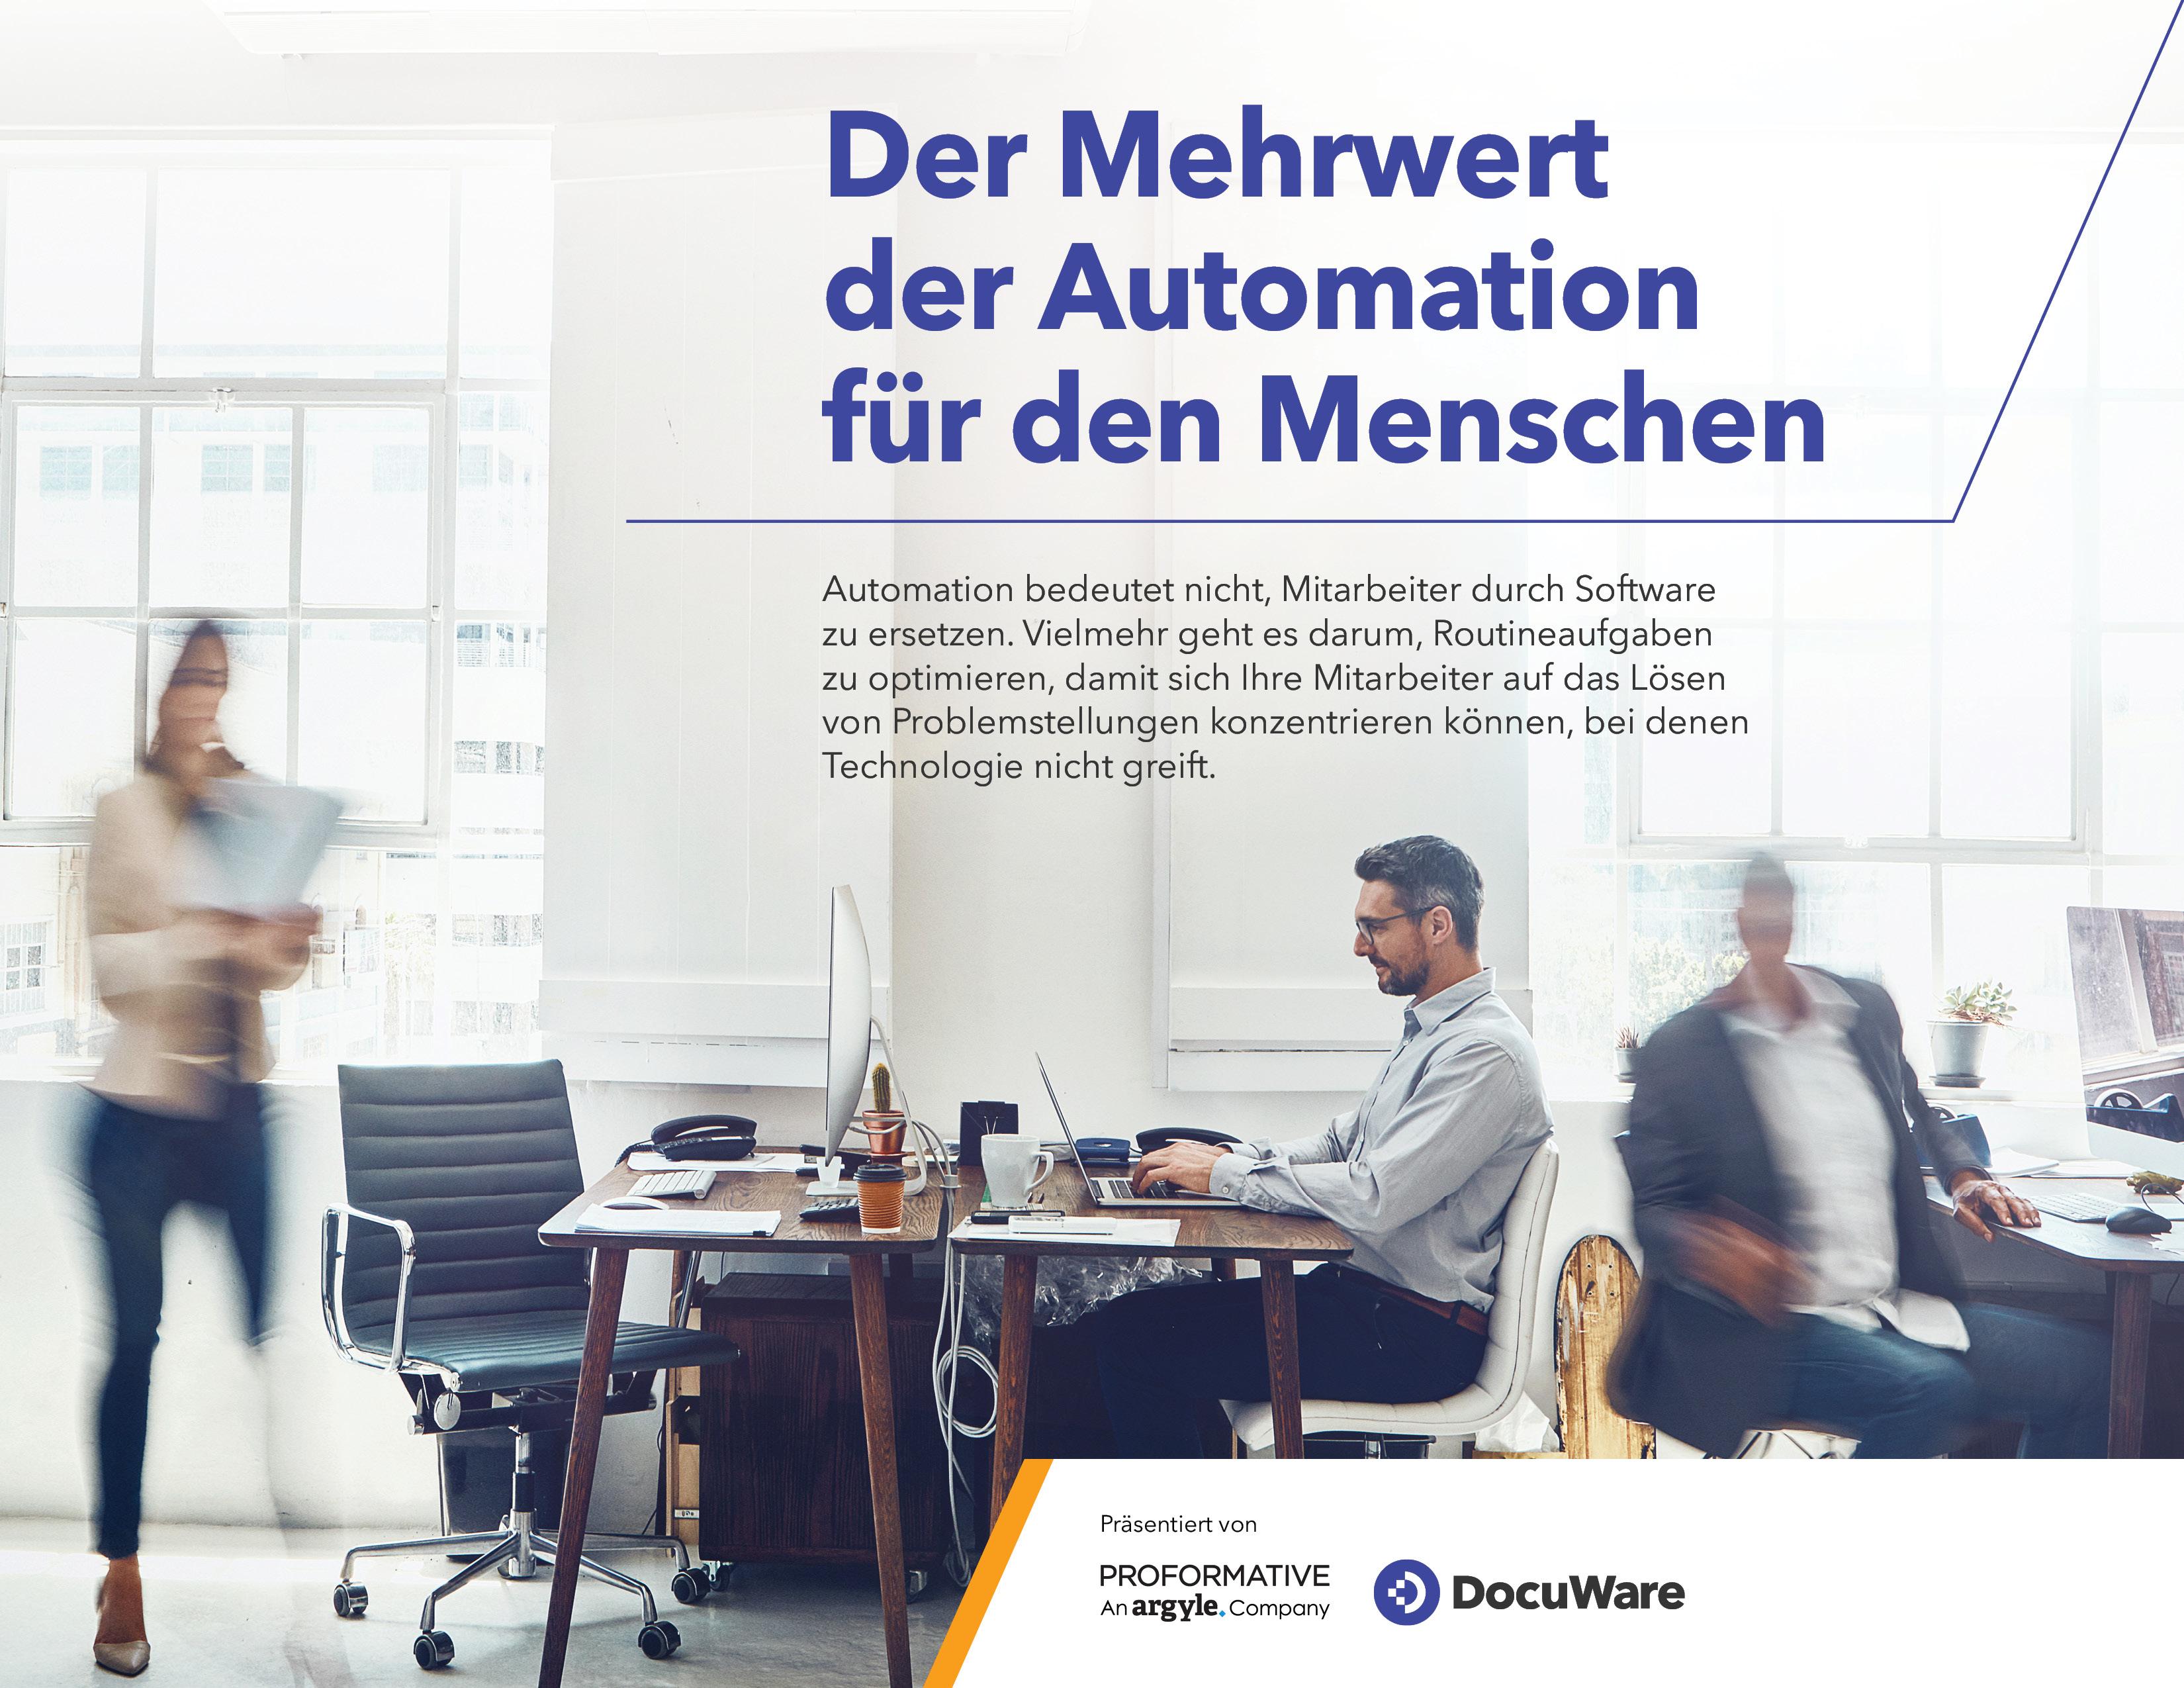 Der Mehrwert der Automation für den Menschen